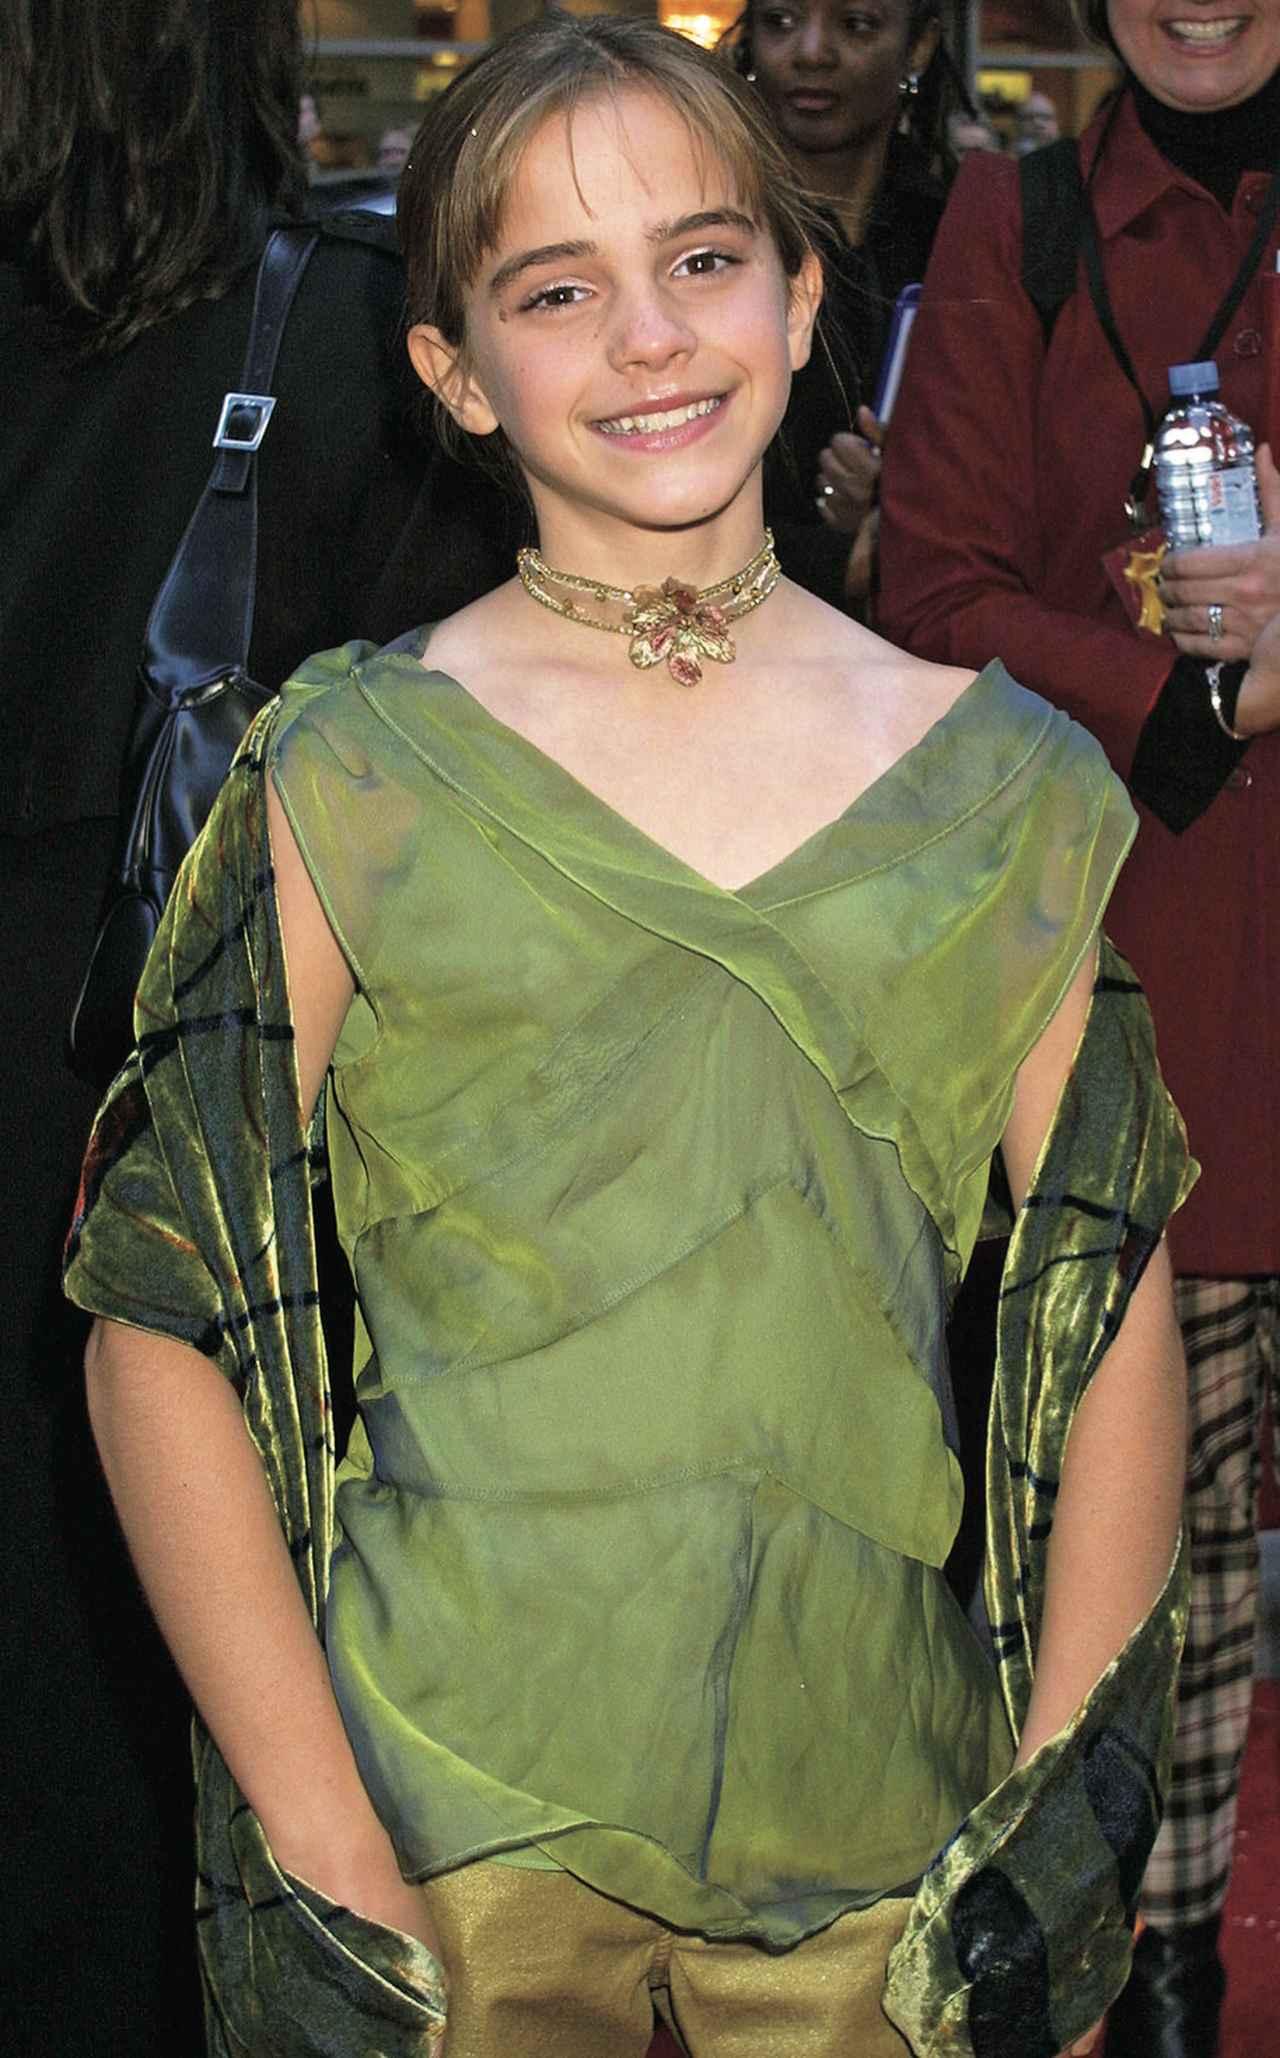 画像: エマ・ワトソンが初めてみんなの前に登場したのは2001年、「ハリー・ポッターと賢者の石」のプレミアの時。そばかすなんて気にし ない、元気いっぱい笑顔がかわいい11歳の女の子に誰もが魅了されました。 ©Getty Images